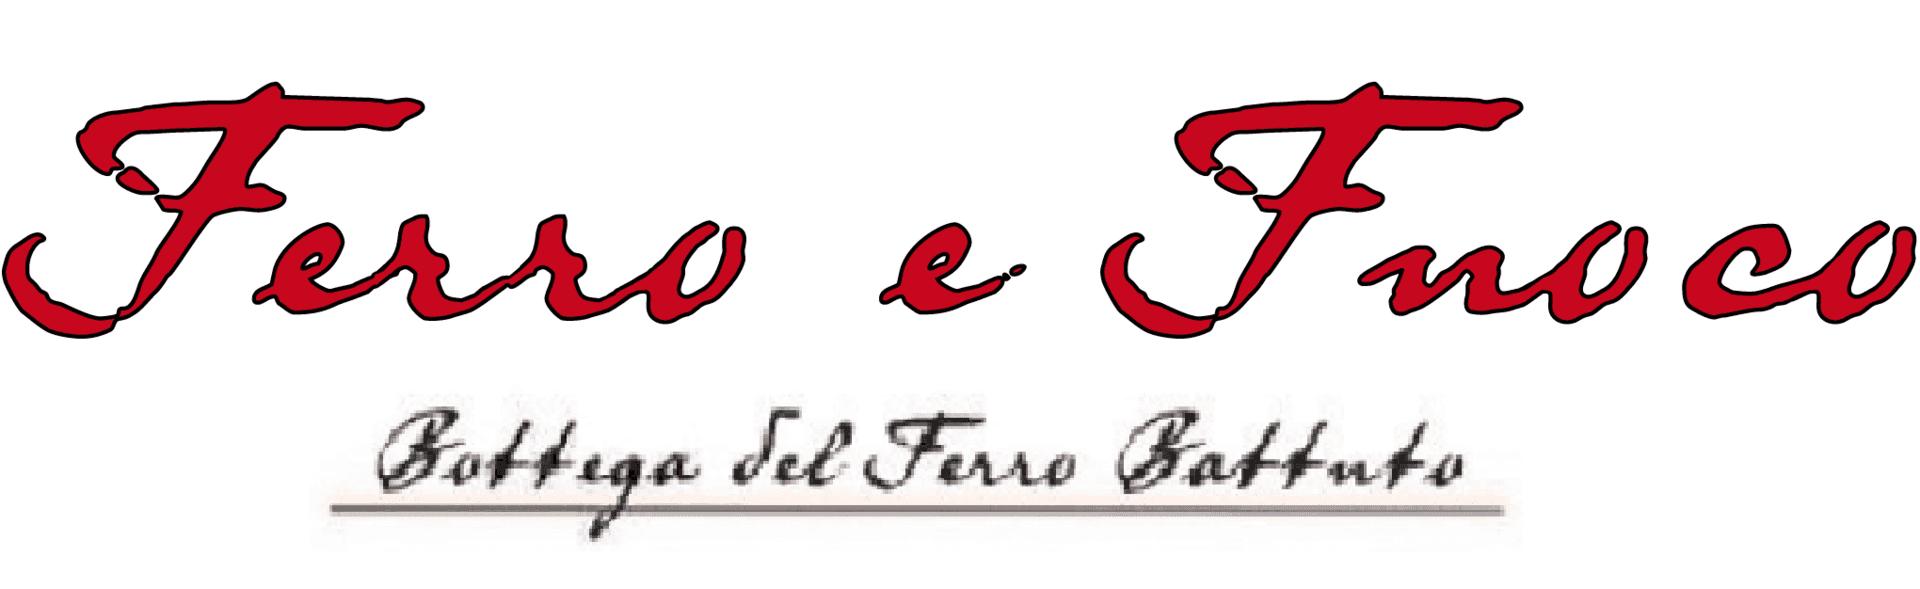 Ferro e Fuoco Bottega del ferro battuto logo